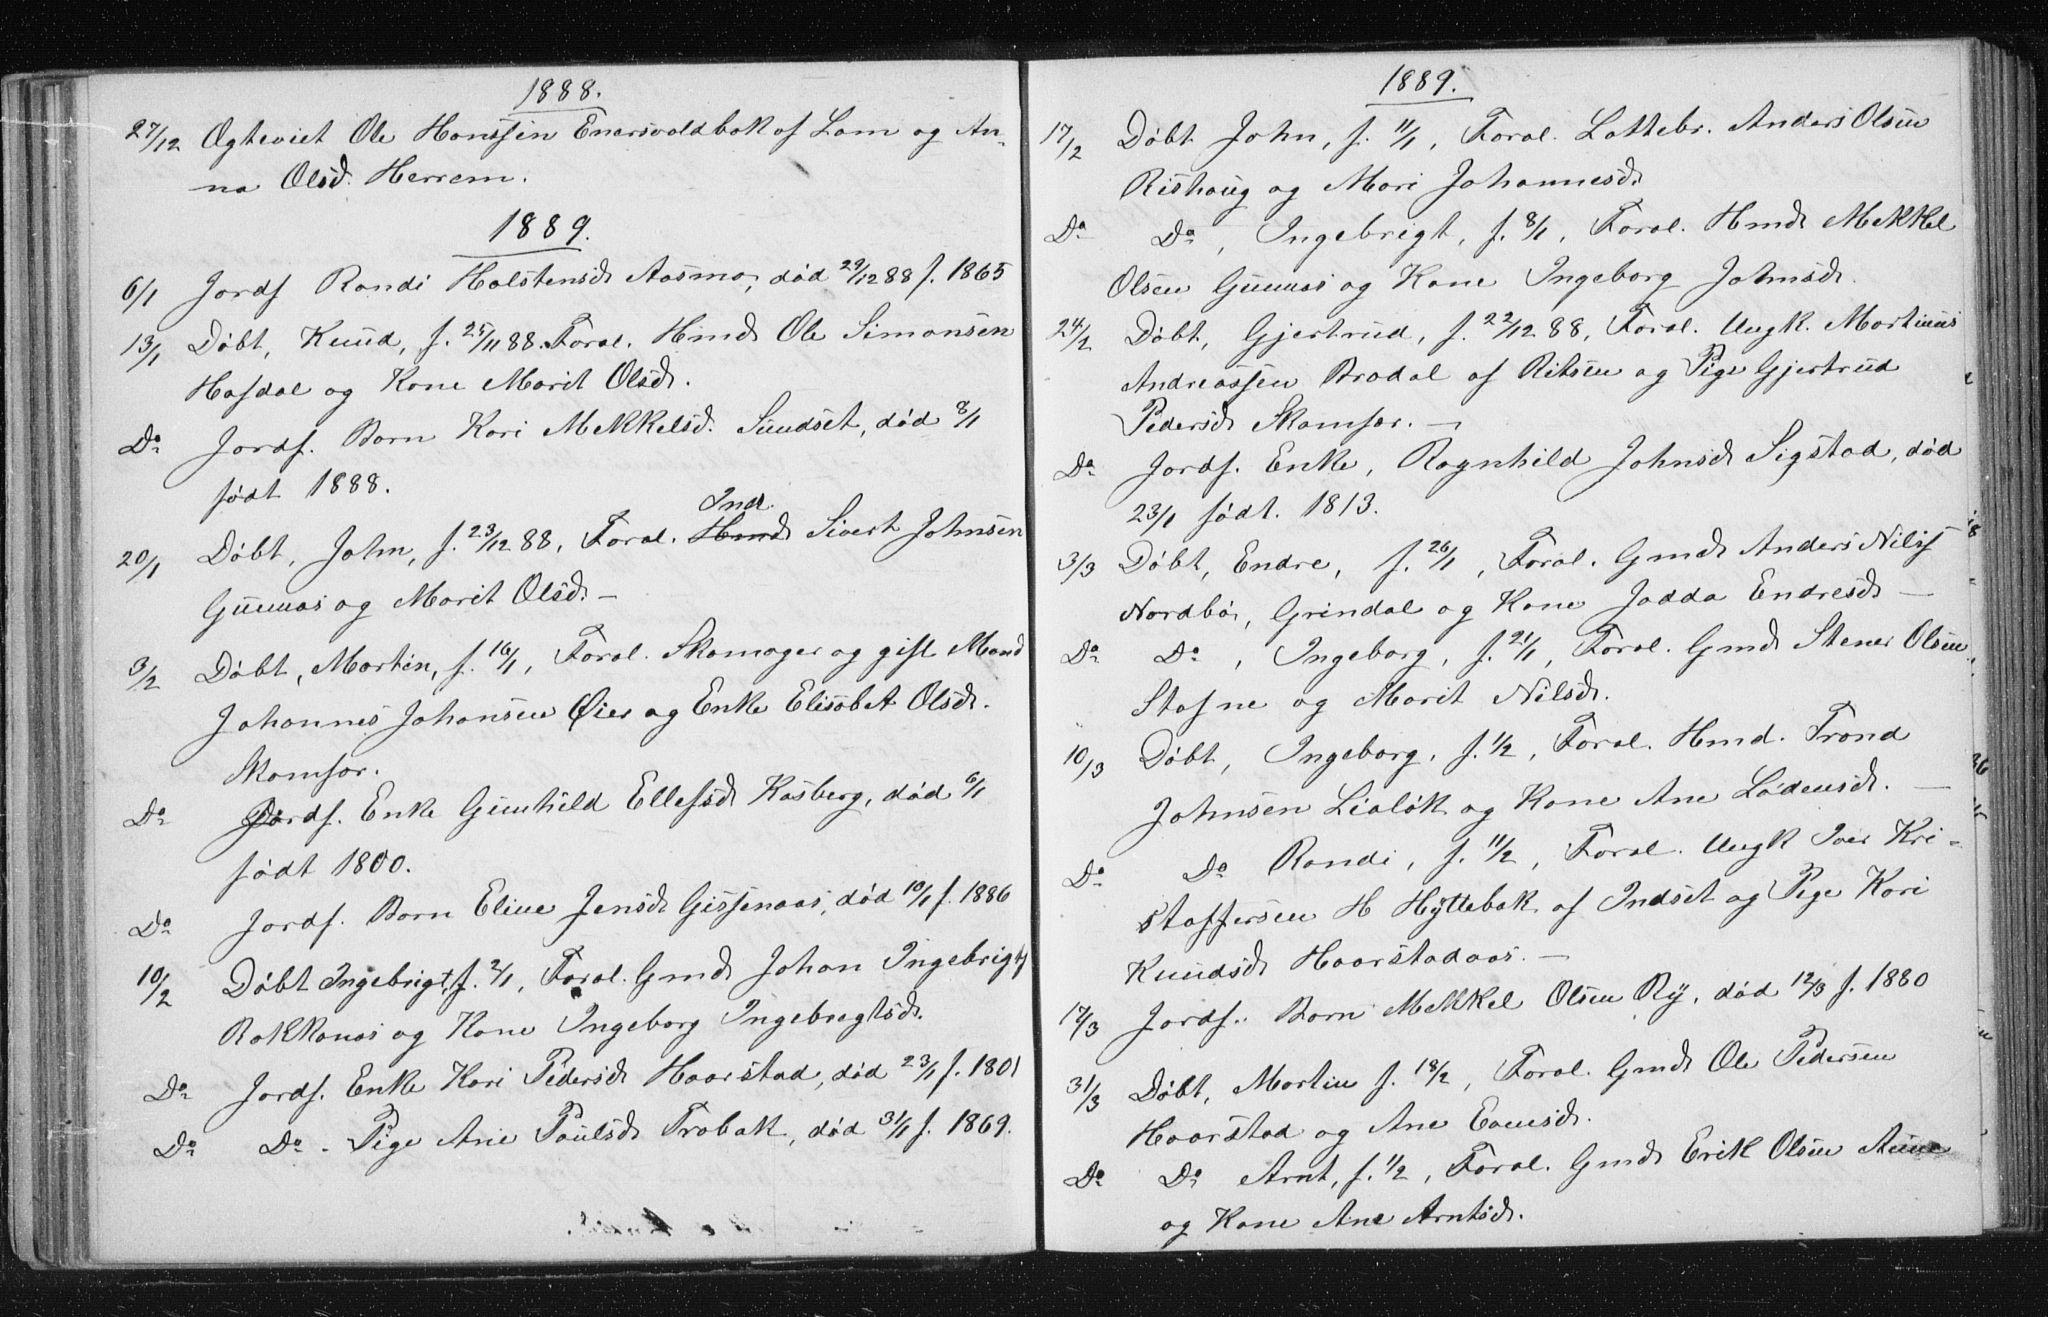 SAT, Ministerialprotokoller, klokkerbøker og fødselsregistre - Sør-Trøndelag, 674/L0875: Klokkerbok nr. 674C02, 1873-1891